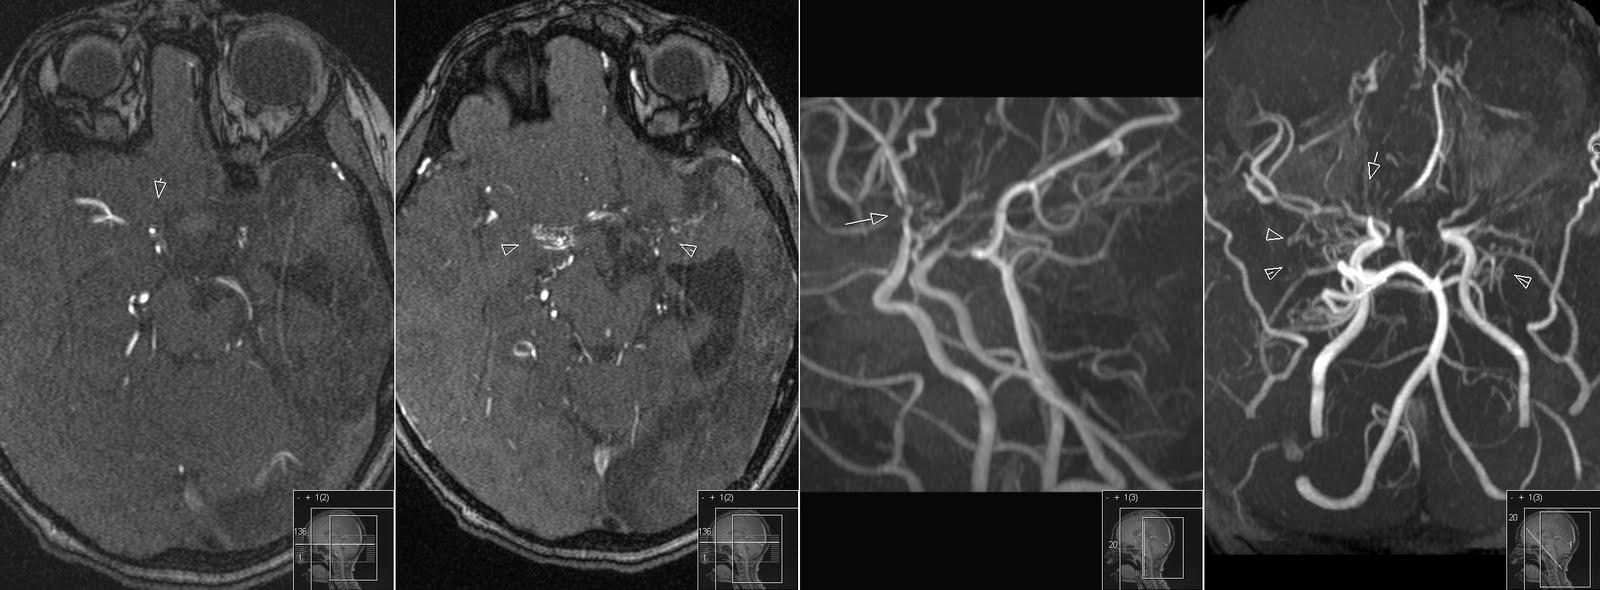 Radiology MRI: July 2011